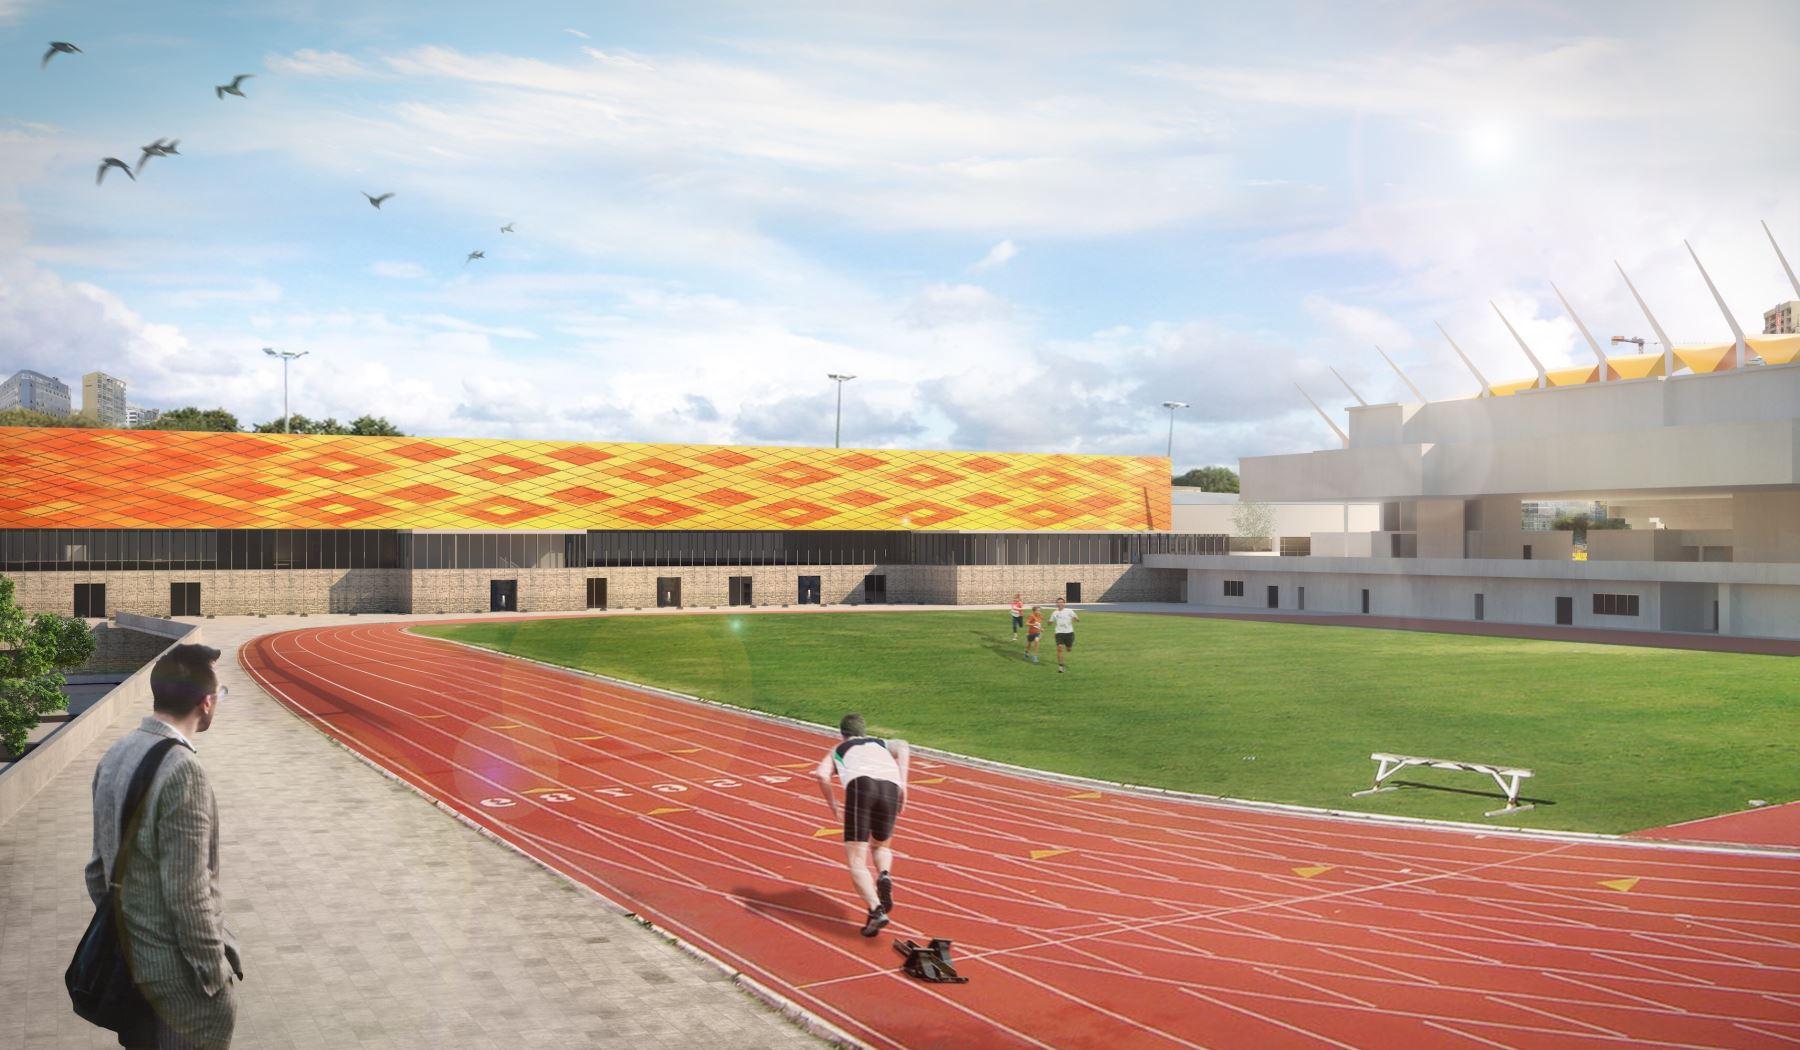 Cancha de calentamiento de Atletismo en la Videna en 3dCortesía